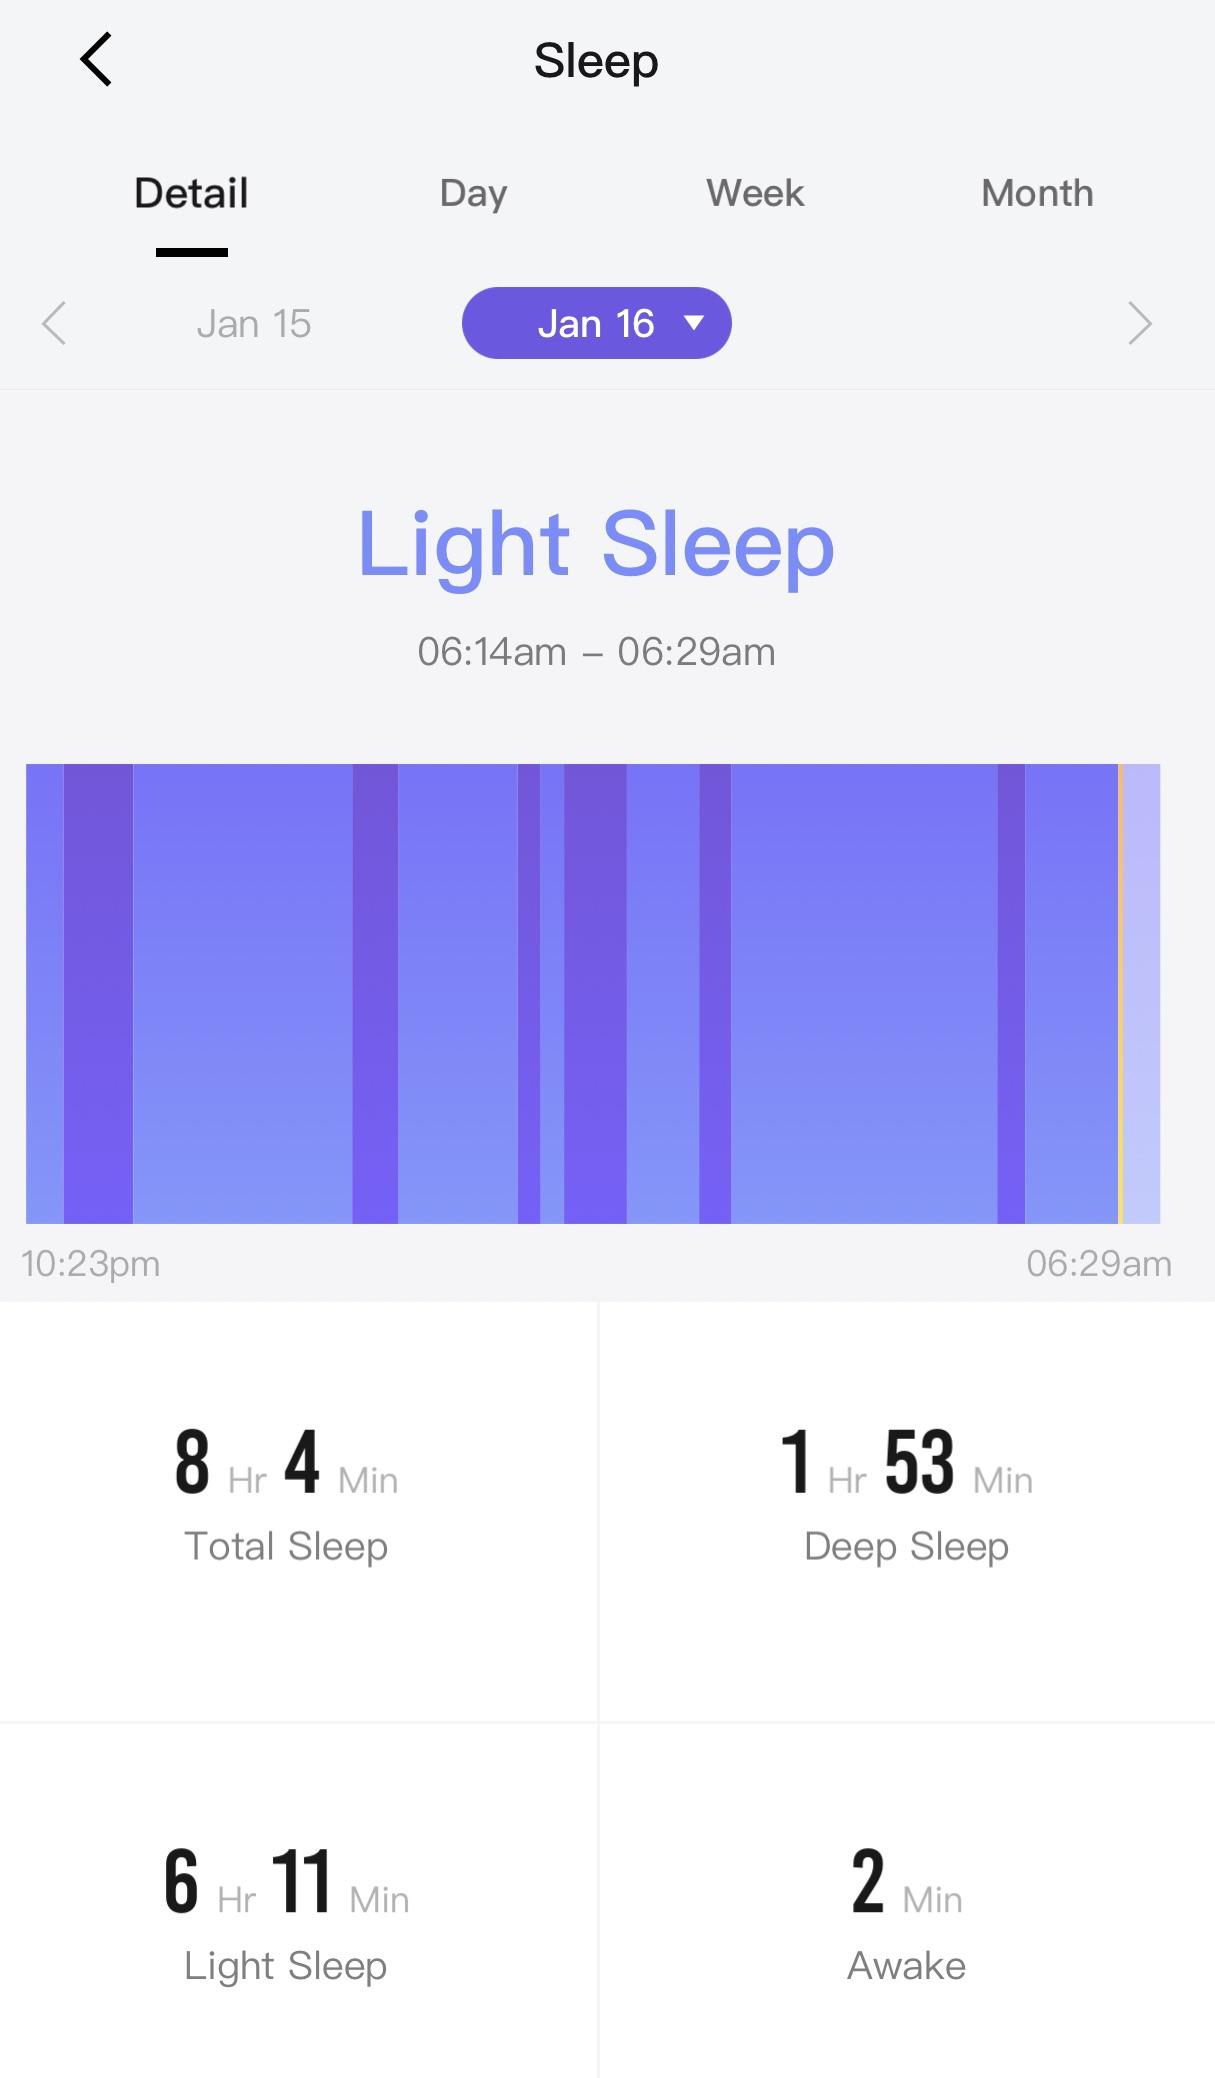 Amazfit sleep tracking